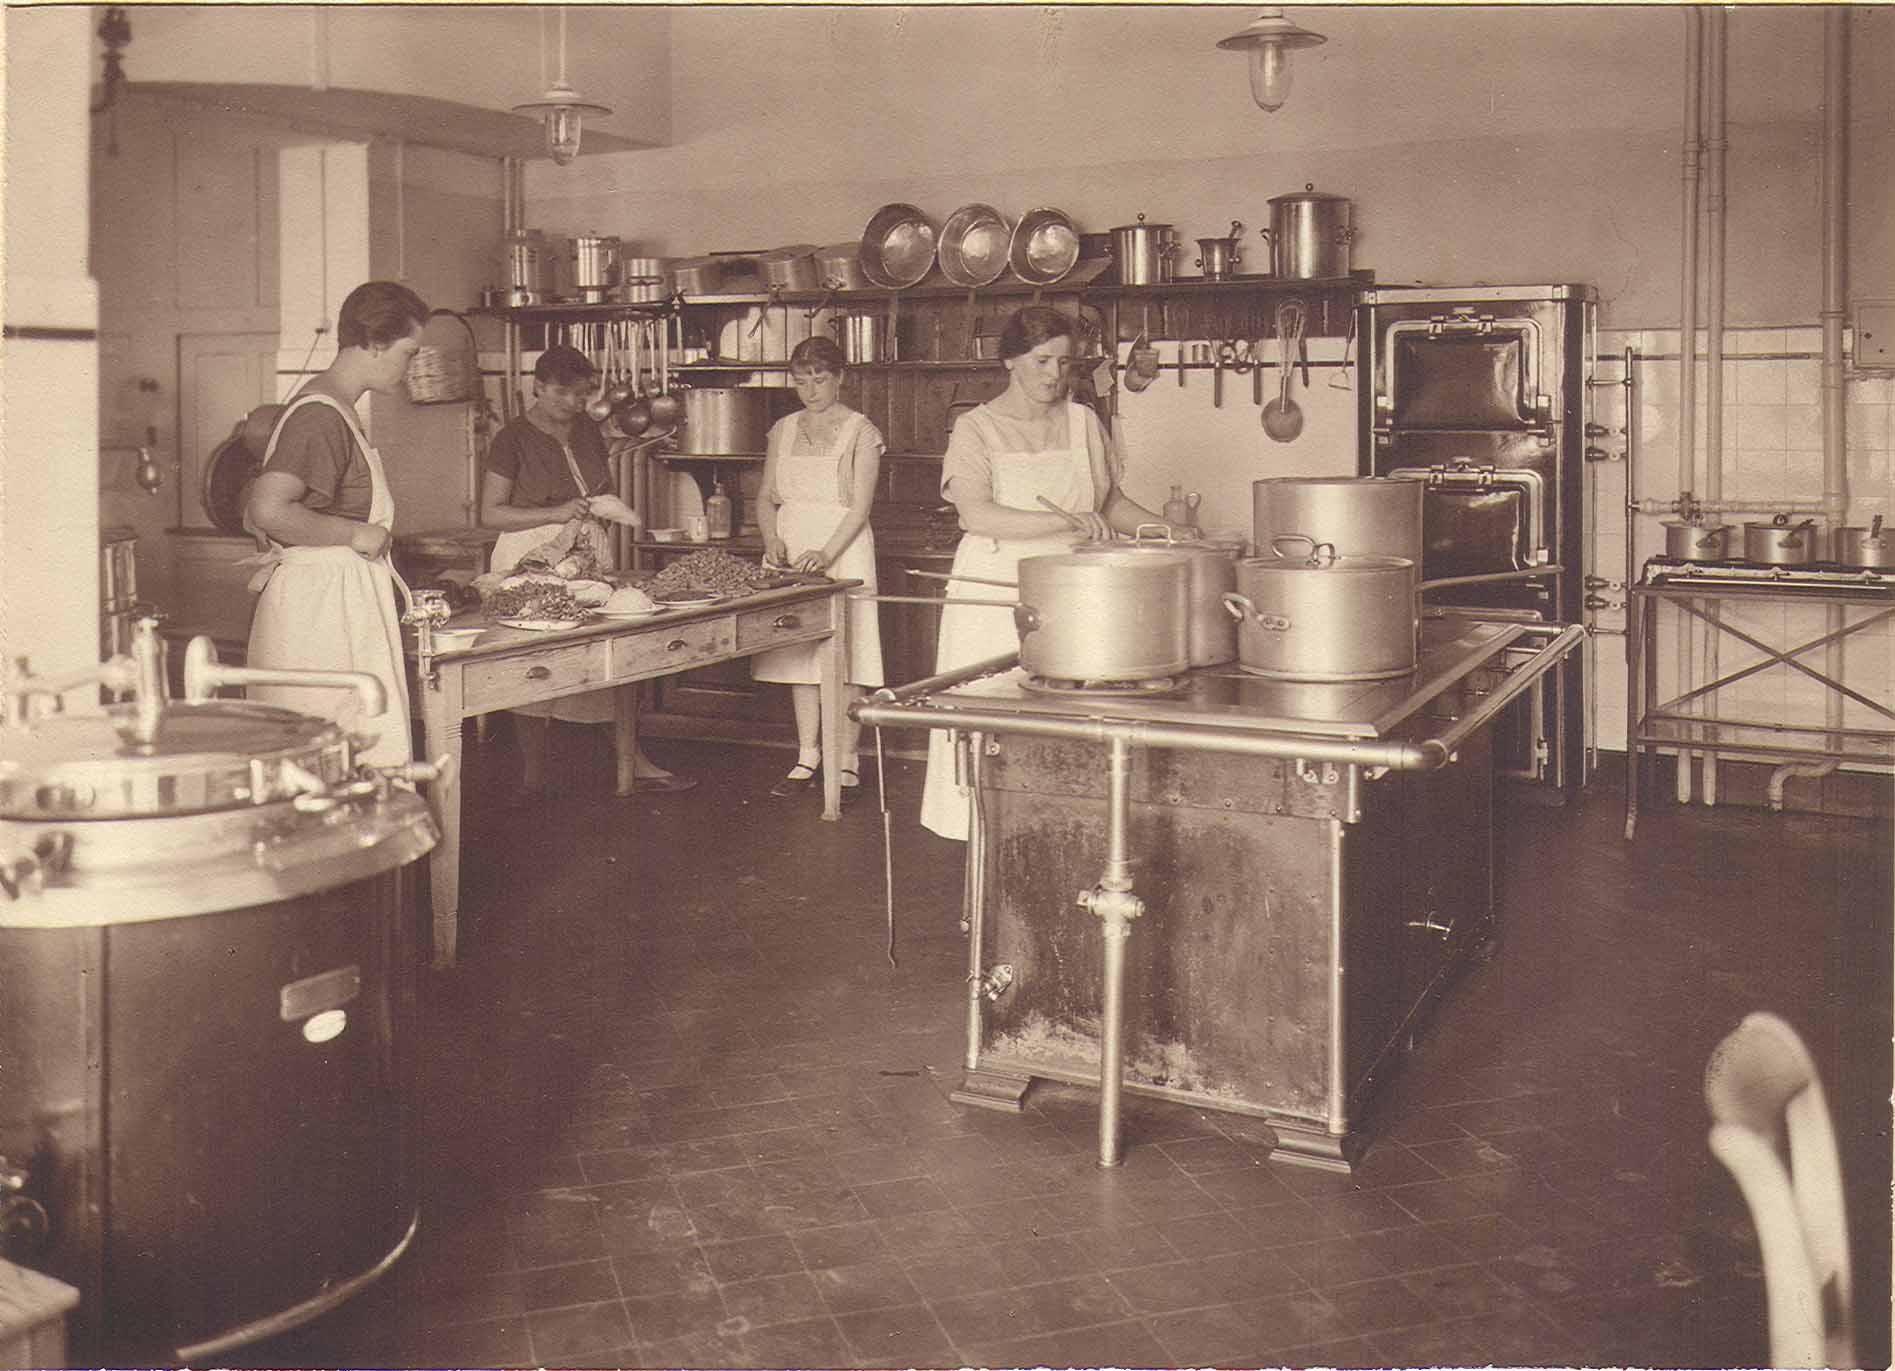 The kitchen of Dr Bircher-Benner's sanatorium in the 1920s Source: Bircher-Benner Archiv, Universität Zürich, Medizinhistorisches Institut, (public domain)